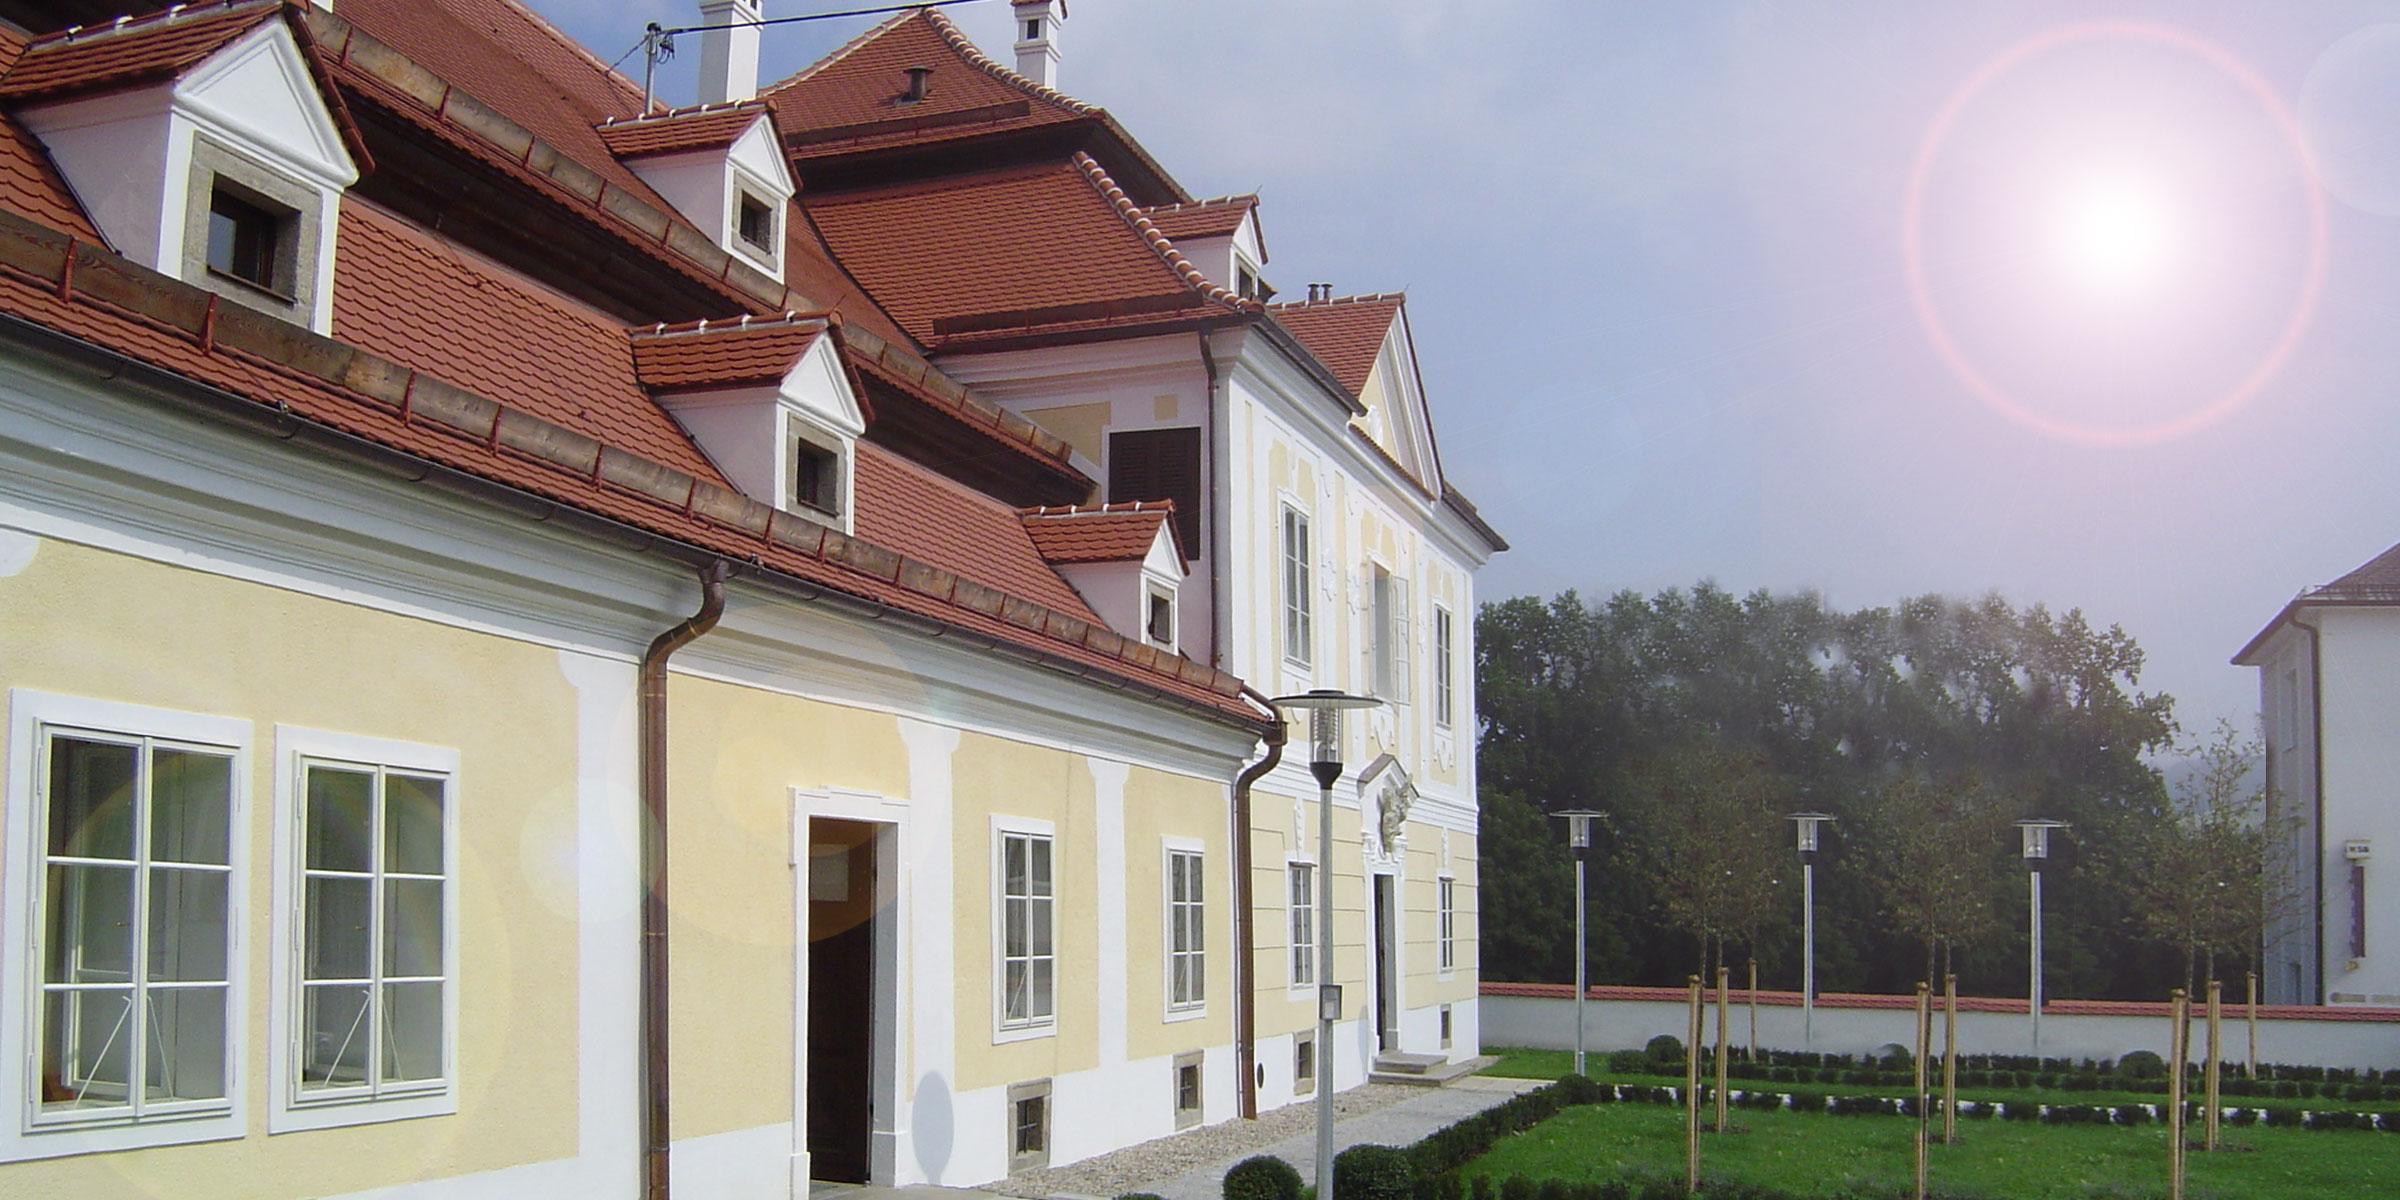 weisse Kastenfenster im alten Wohnhaus, frisch restauriert renoviert, Pfarrhaus Pfarrhäuser historische Einrichtungen Tischler Hans Hummer Feldkirchen an der Donau